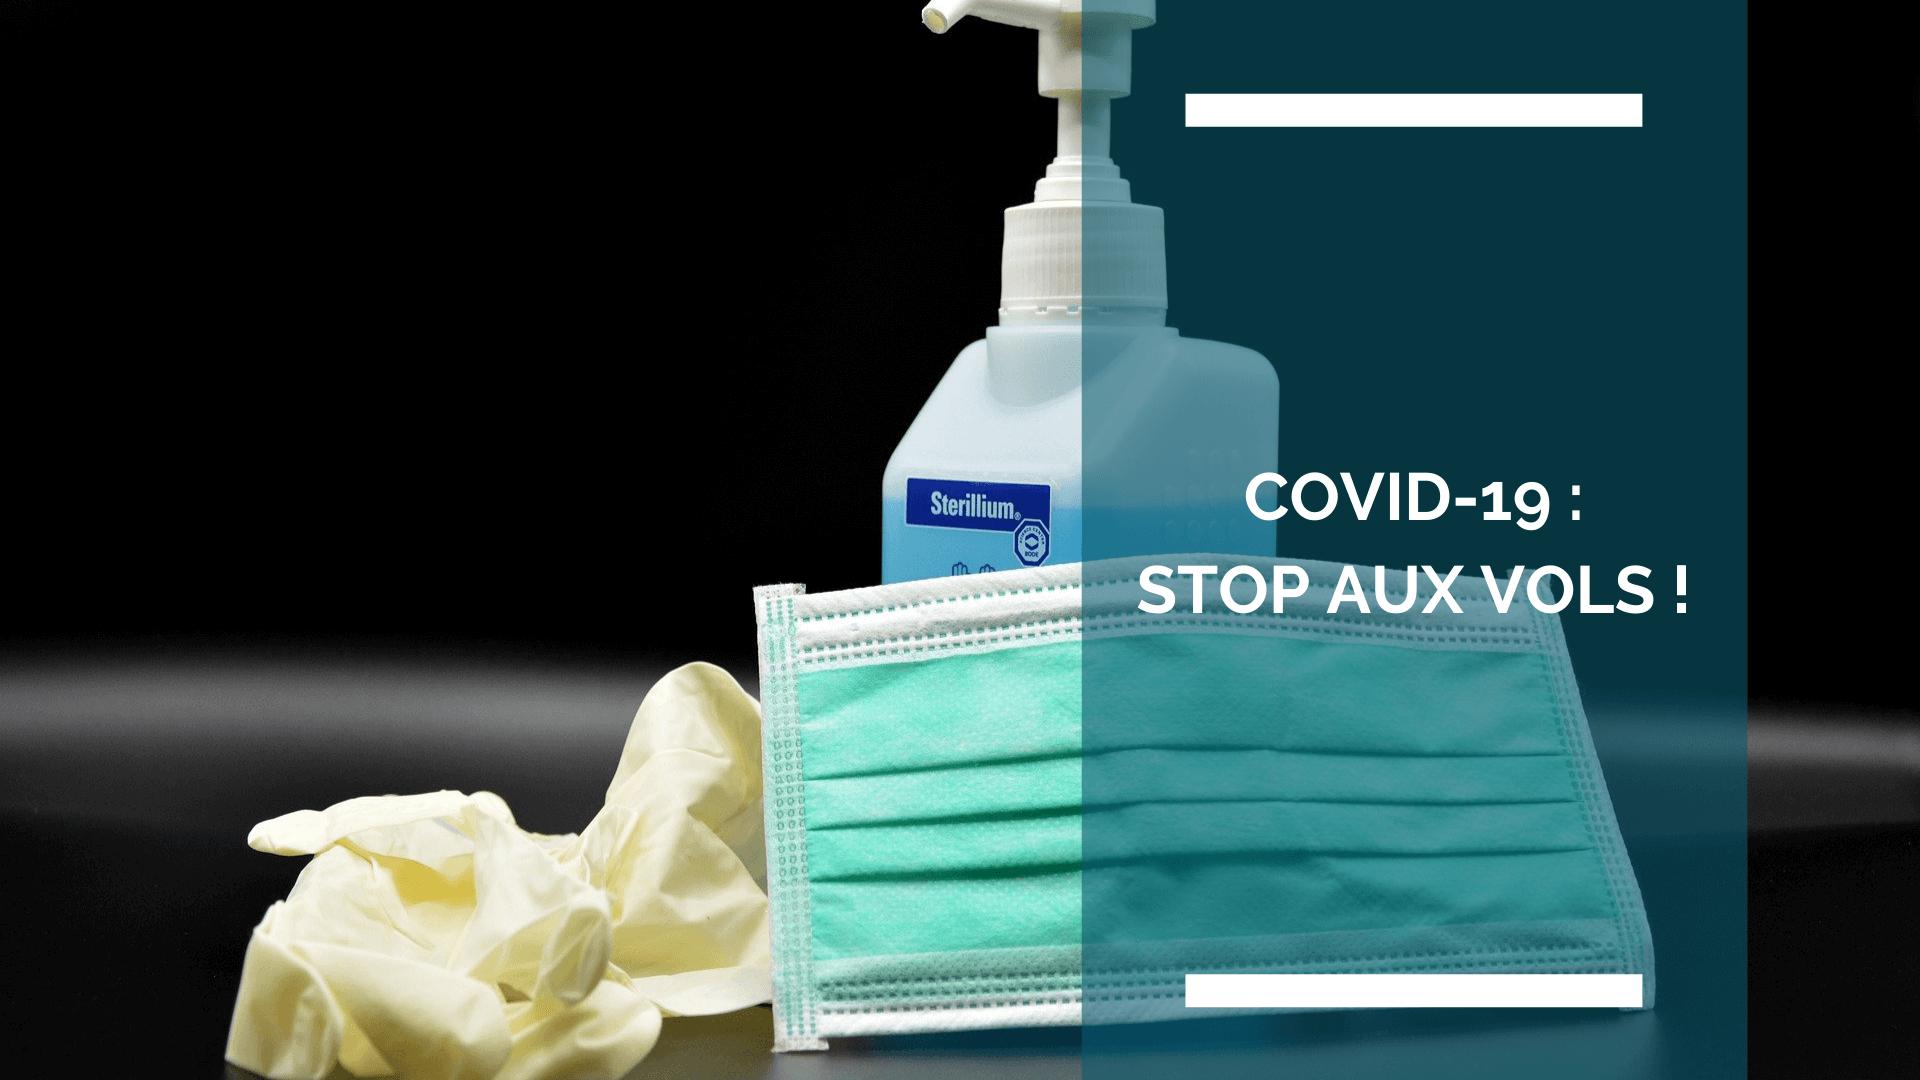 COVID-19 : STOP AUX VOLS ET TOUS SOLIDAIRES